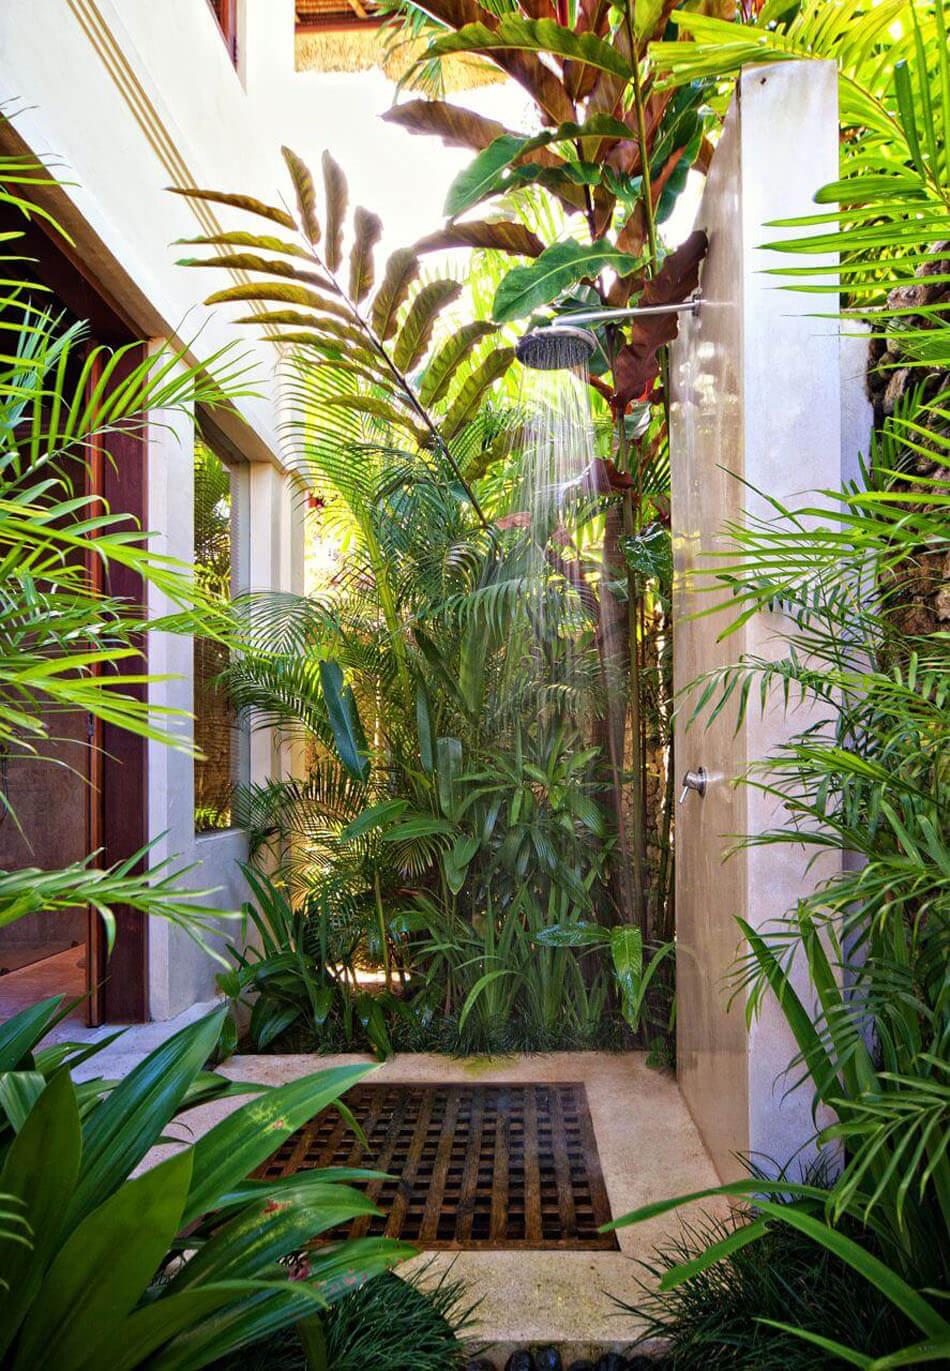 Verdure Et Bois Exotique Pour Cette Belle Douche Extérieure Du0027une Villa De  Vacances